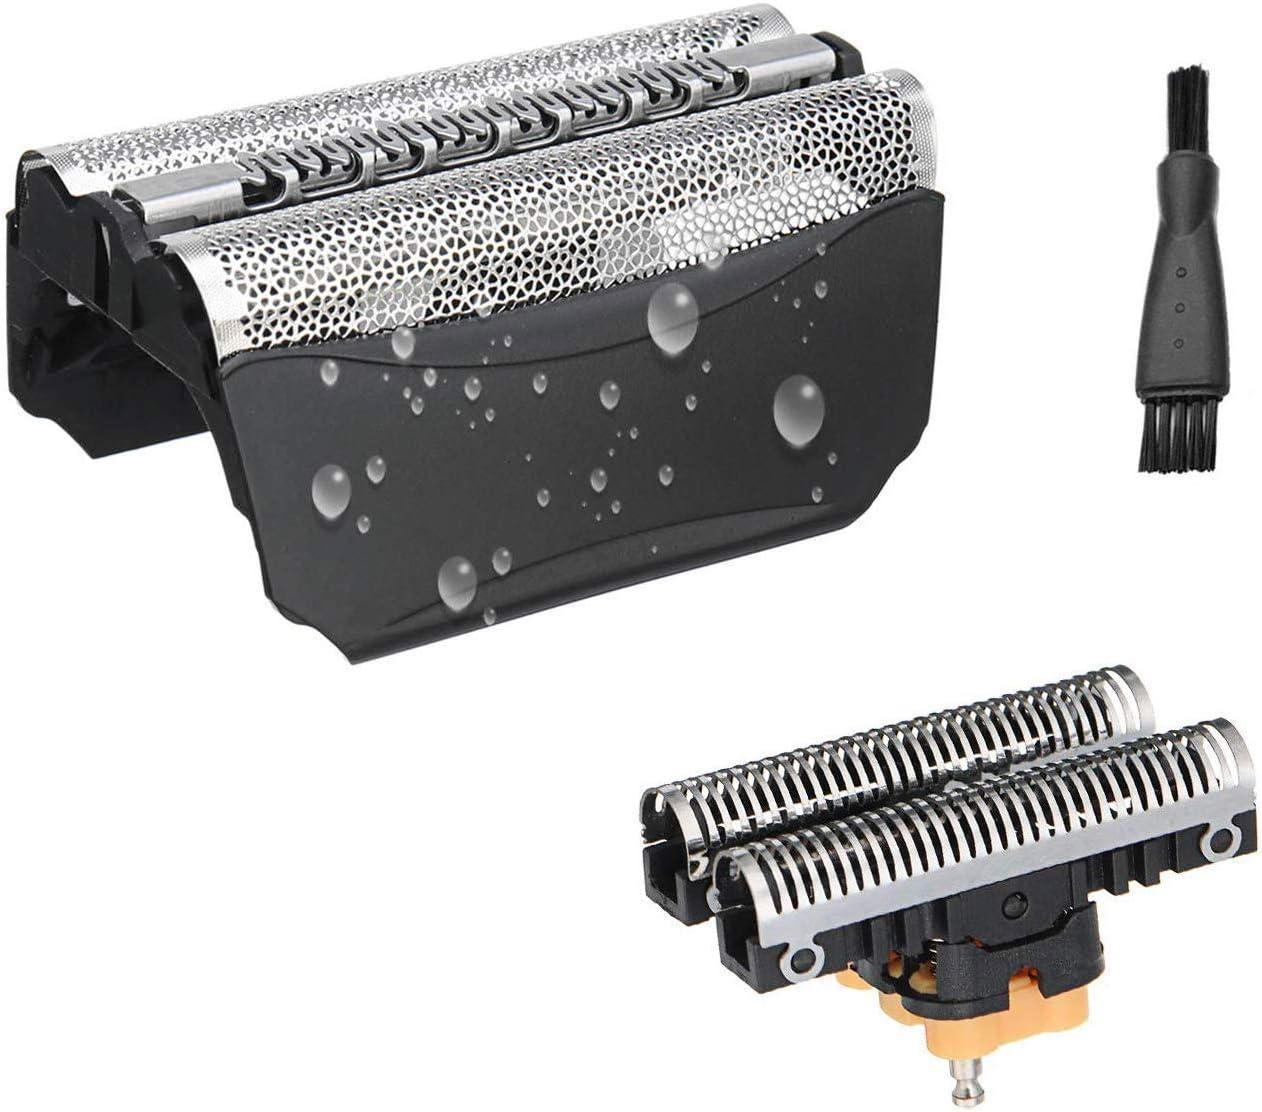 51B Cabezales de Afeitar para Bruan Serie 8000 WF1S WF2S Afeitadora Eléctrica Hombre, Lámina y Cortadora de Repuesto Poweka Compatible con el Modelo WaterFlex: Amazon.es: Salud y cuidado personal